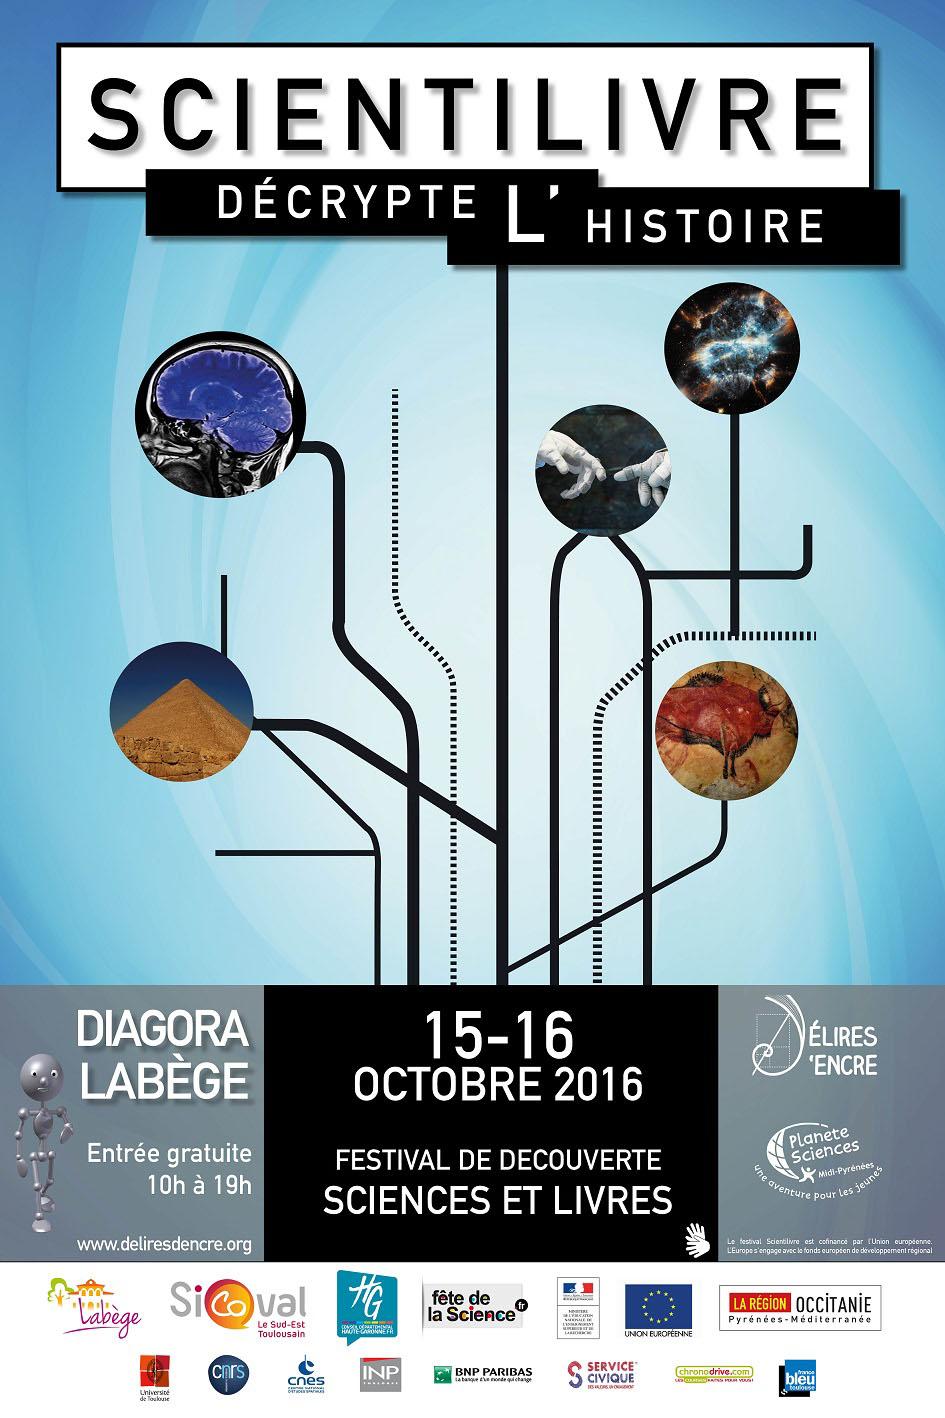 Scientilivre D�crypte L'histoire�les 15 Et 16 Octobre 2016 � Diagora Lab�ge